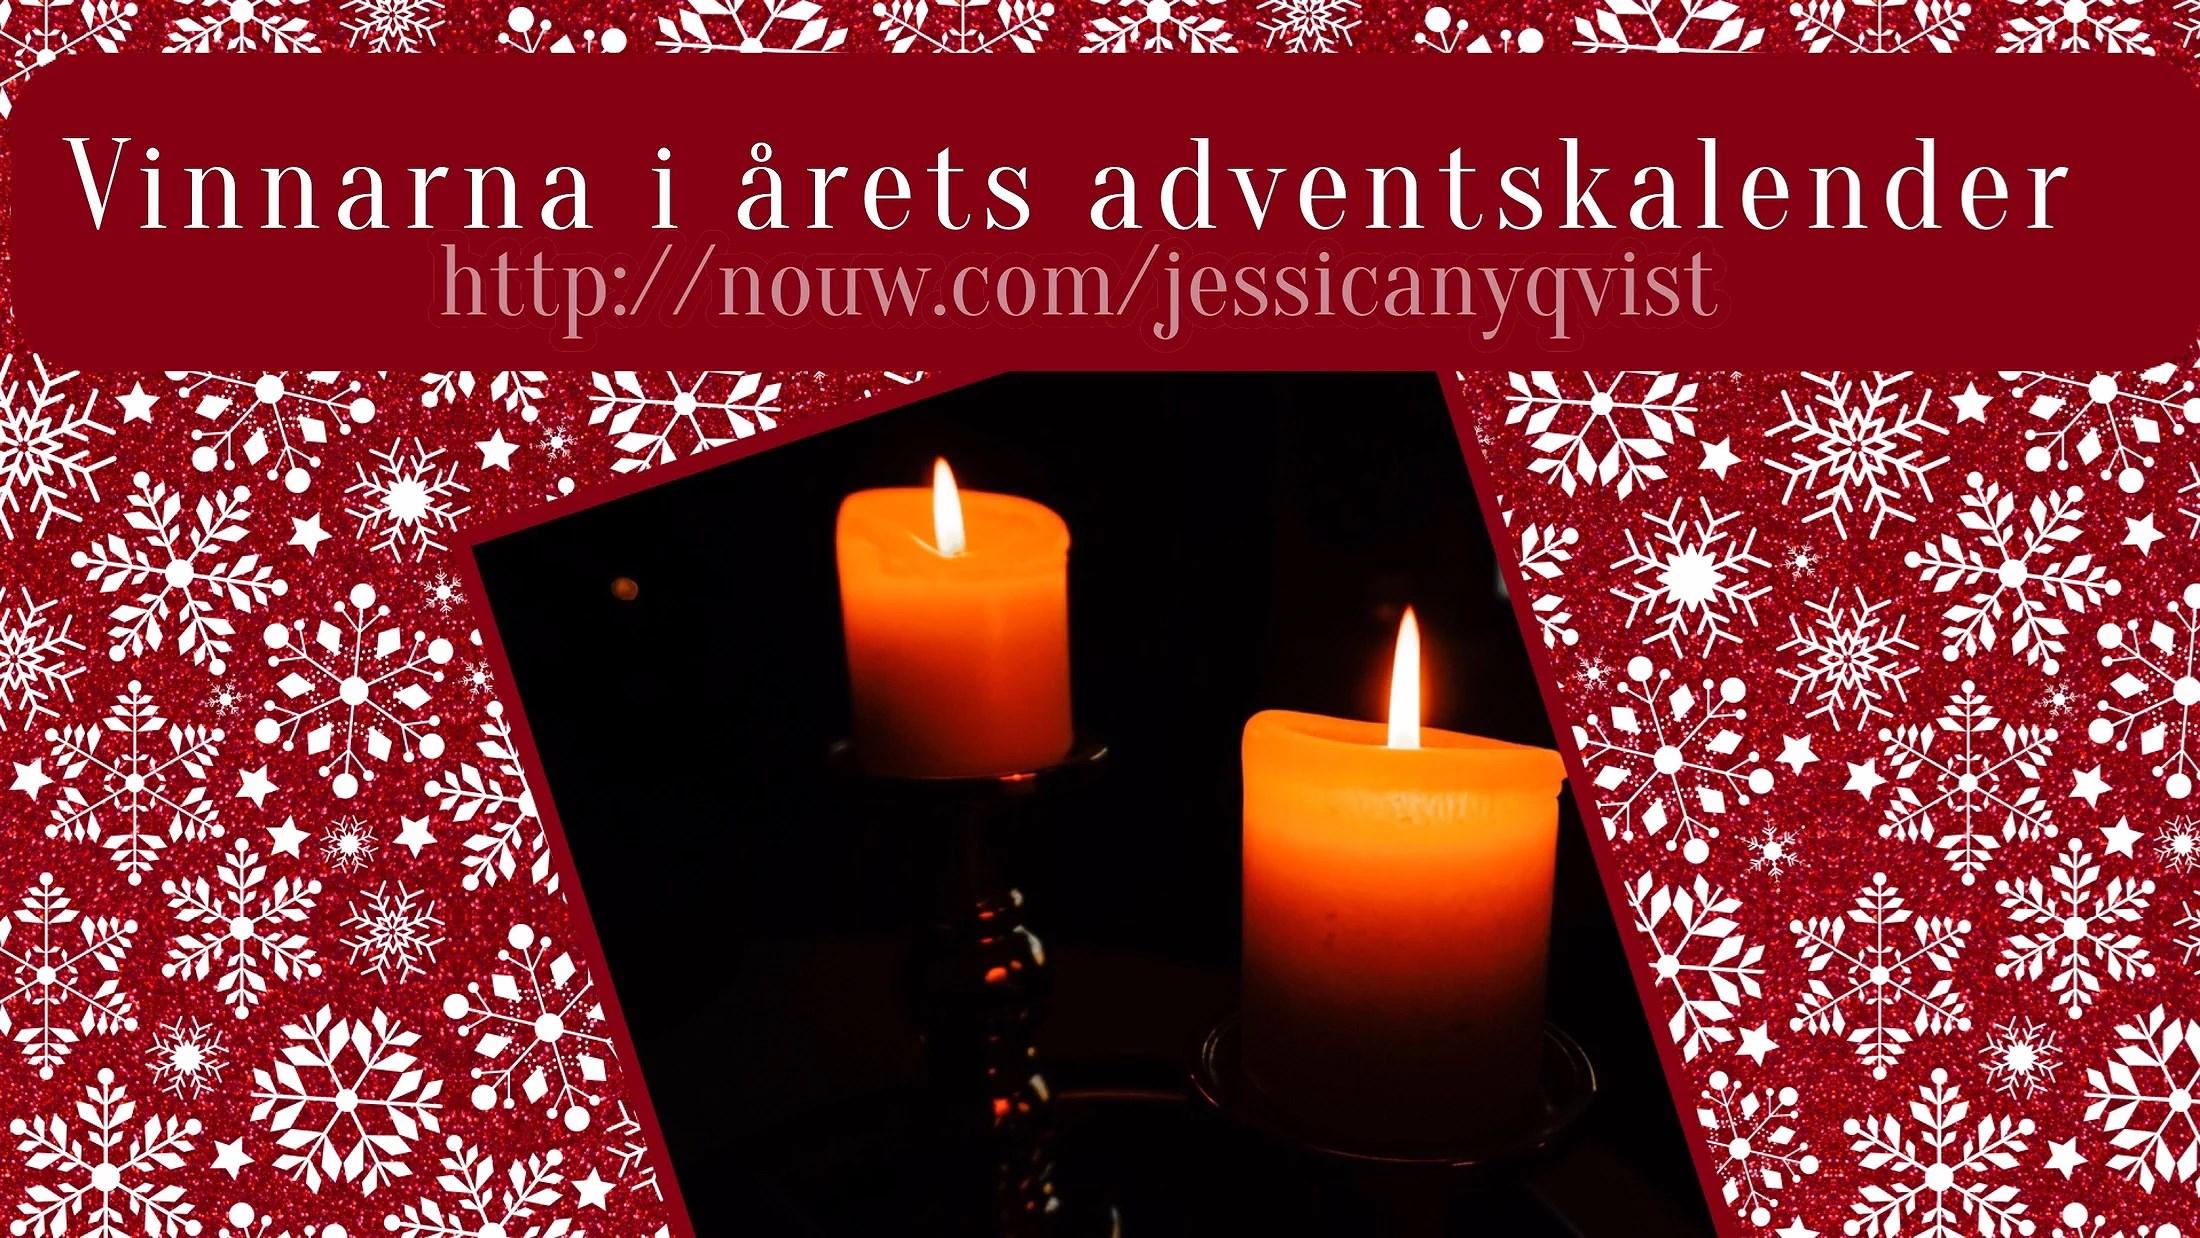 VINNARNA I ÅRETS ADVENTSKALENDER ÄR...